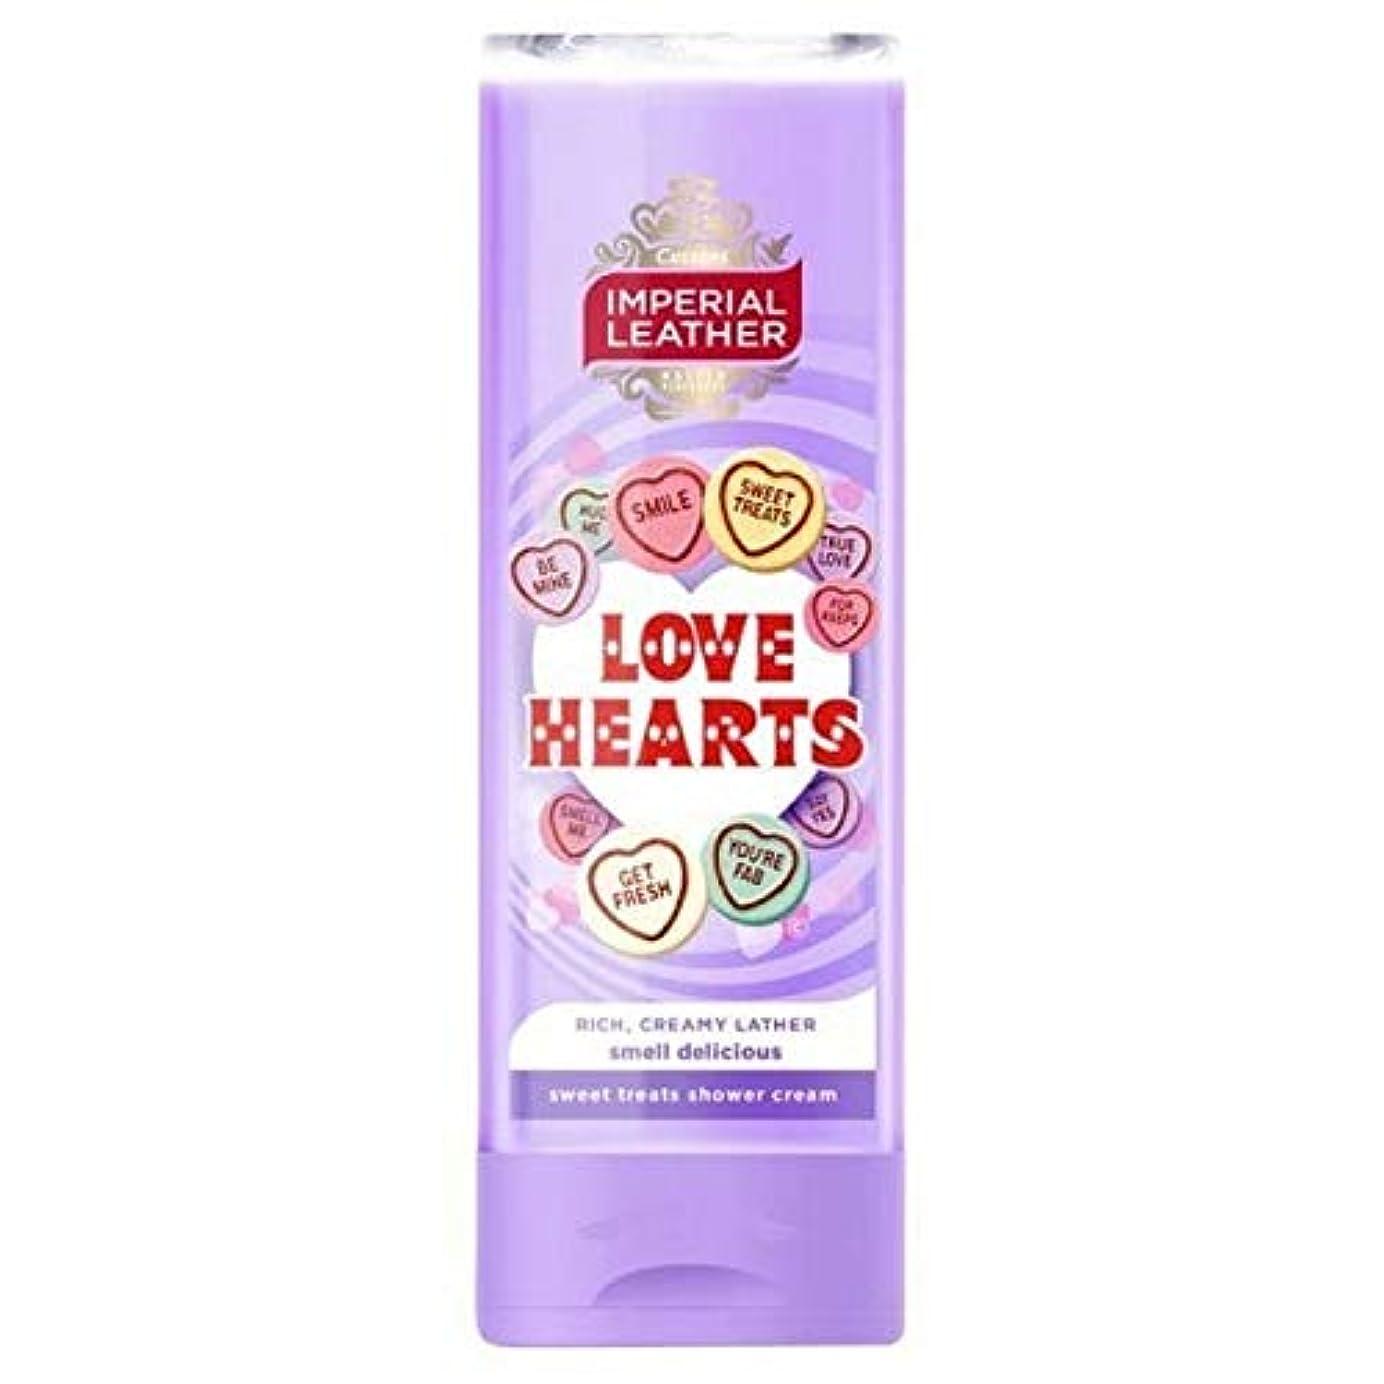 おとこ刃寄生虫[Imperial Leather ] 帝国革の愛の心シャワージェル250ミリリットル - Imperial Leather Love Hearts Shower Gel 250ml [並行輸入品]